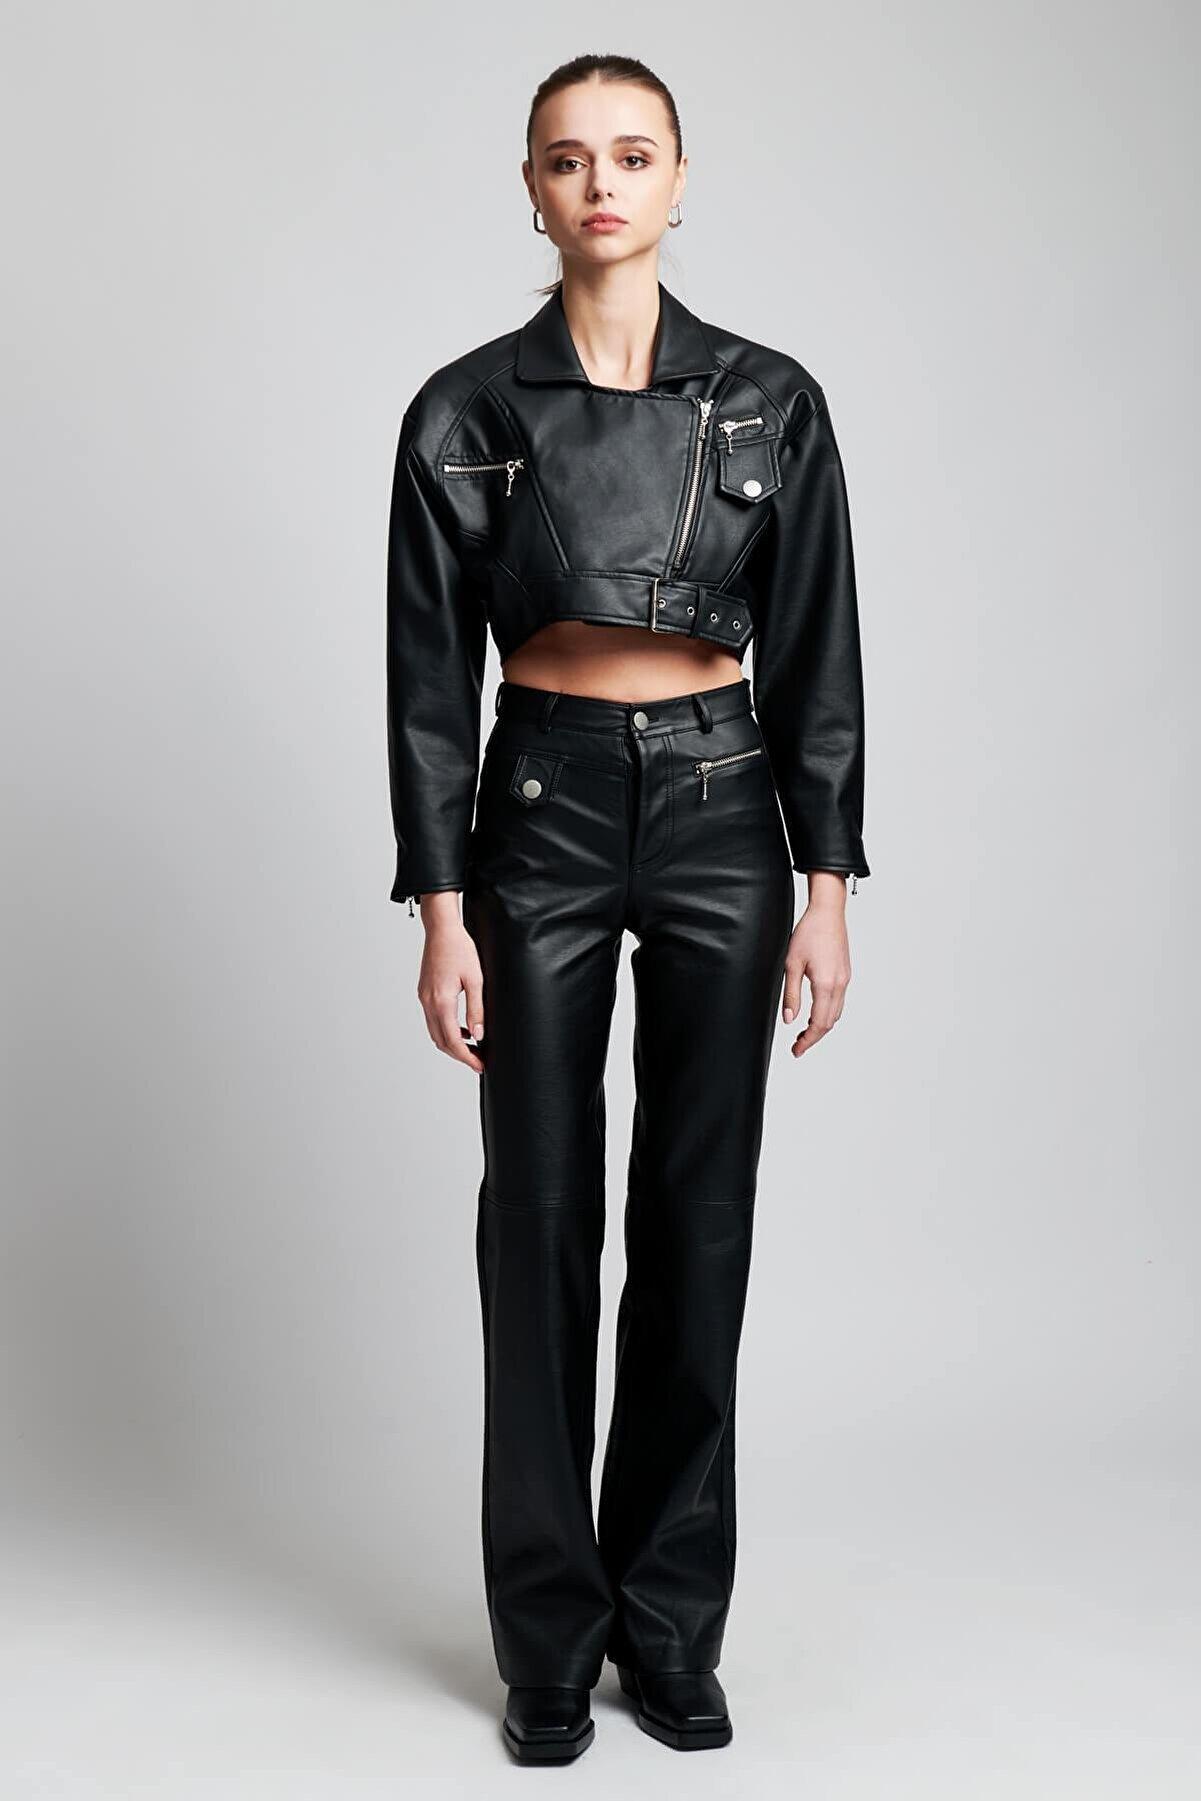 IAMNOTBASIC Kadın Siyah Deri Lauren Pantolon